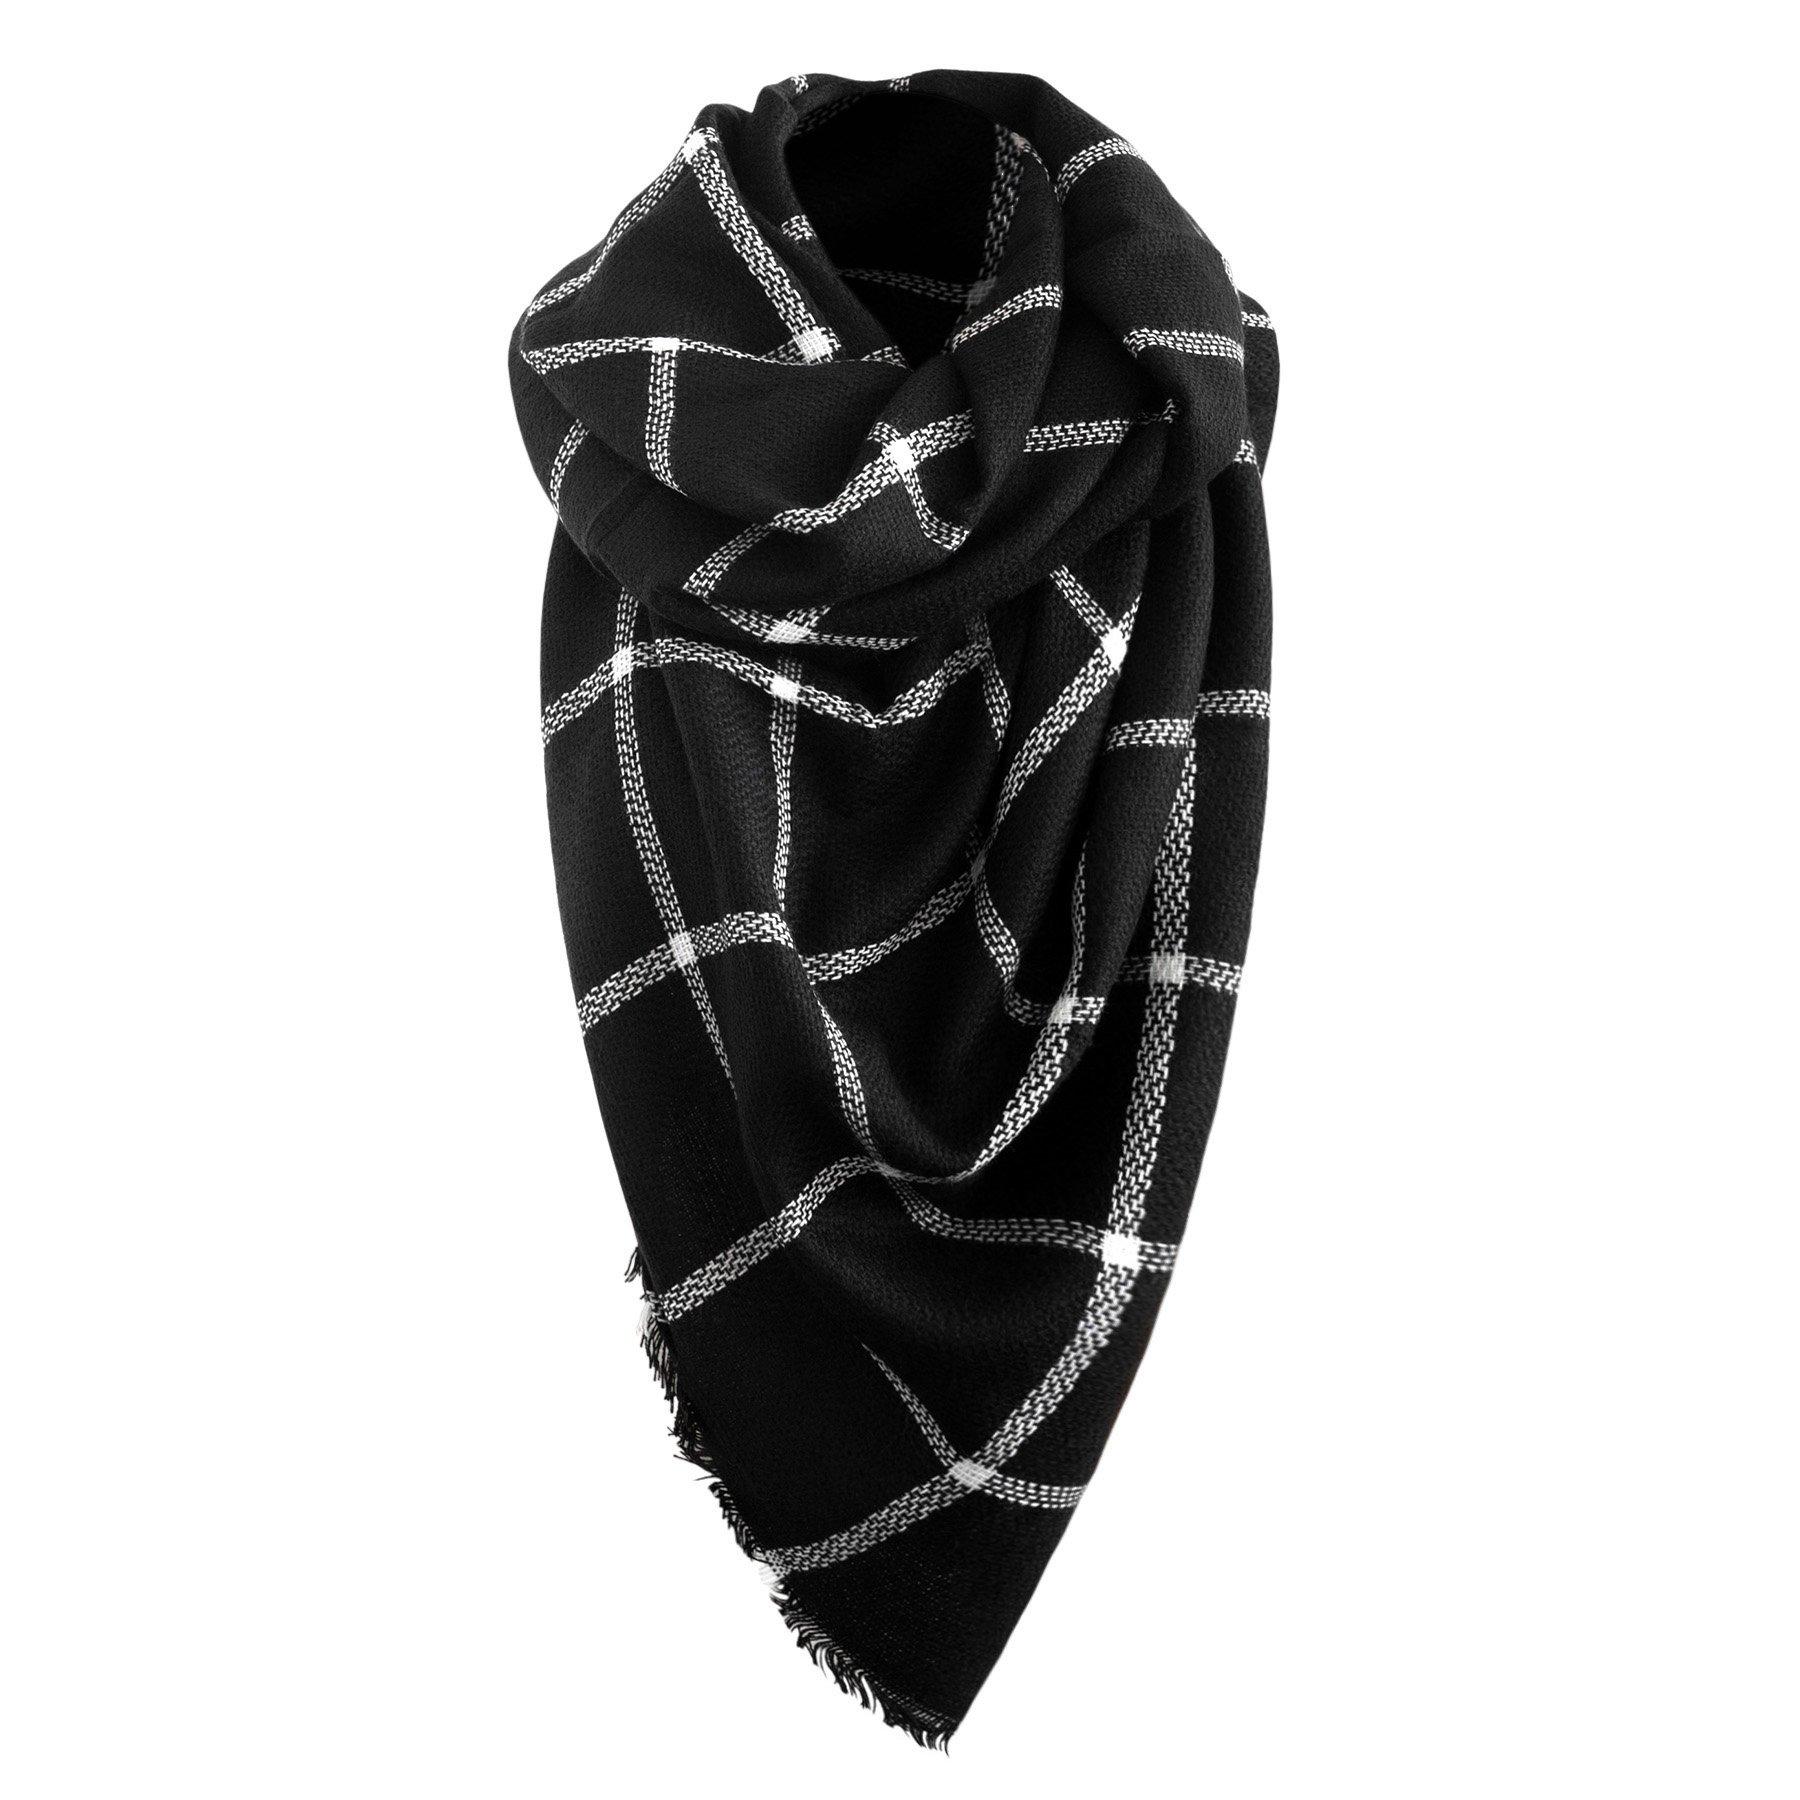 Automne Hiver écharpe de femmes Écharpe automne Foulard d hiver  Surdimensionné dans la couleur 1673e4a2a3f